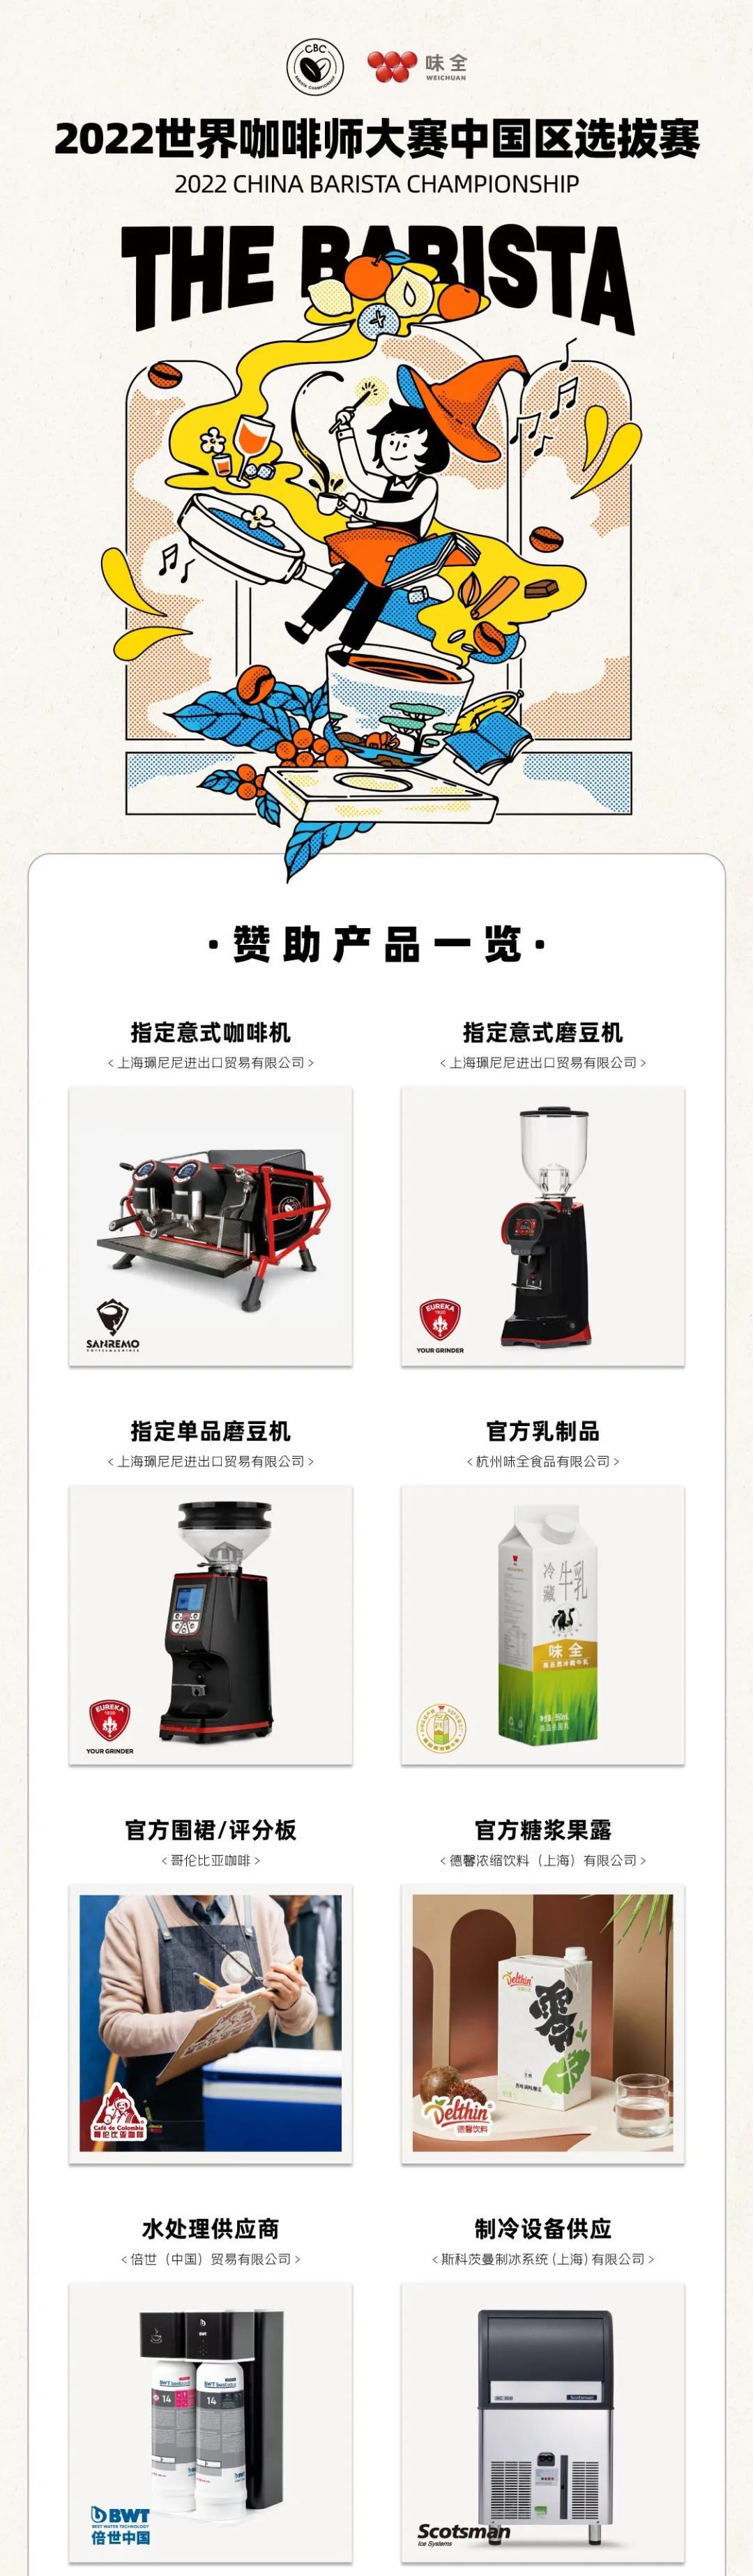 专访 | 2022世界咖啡师大赛成都分赛区冠军陈丹丹!黑马,绝非偶然!